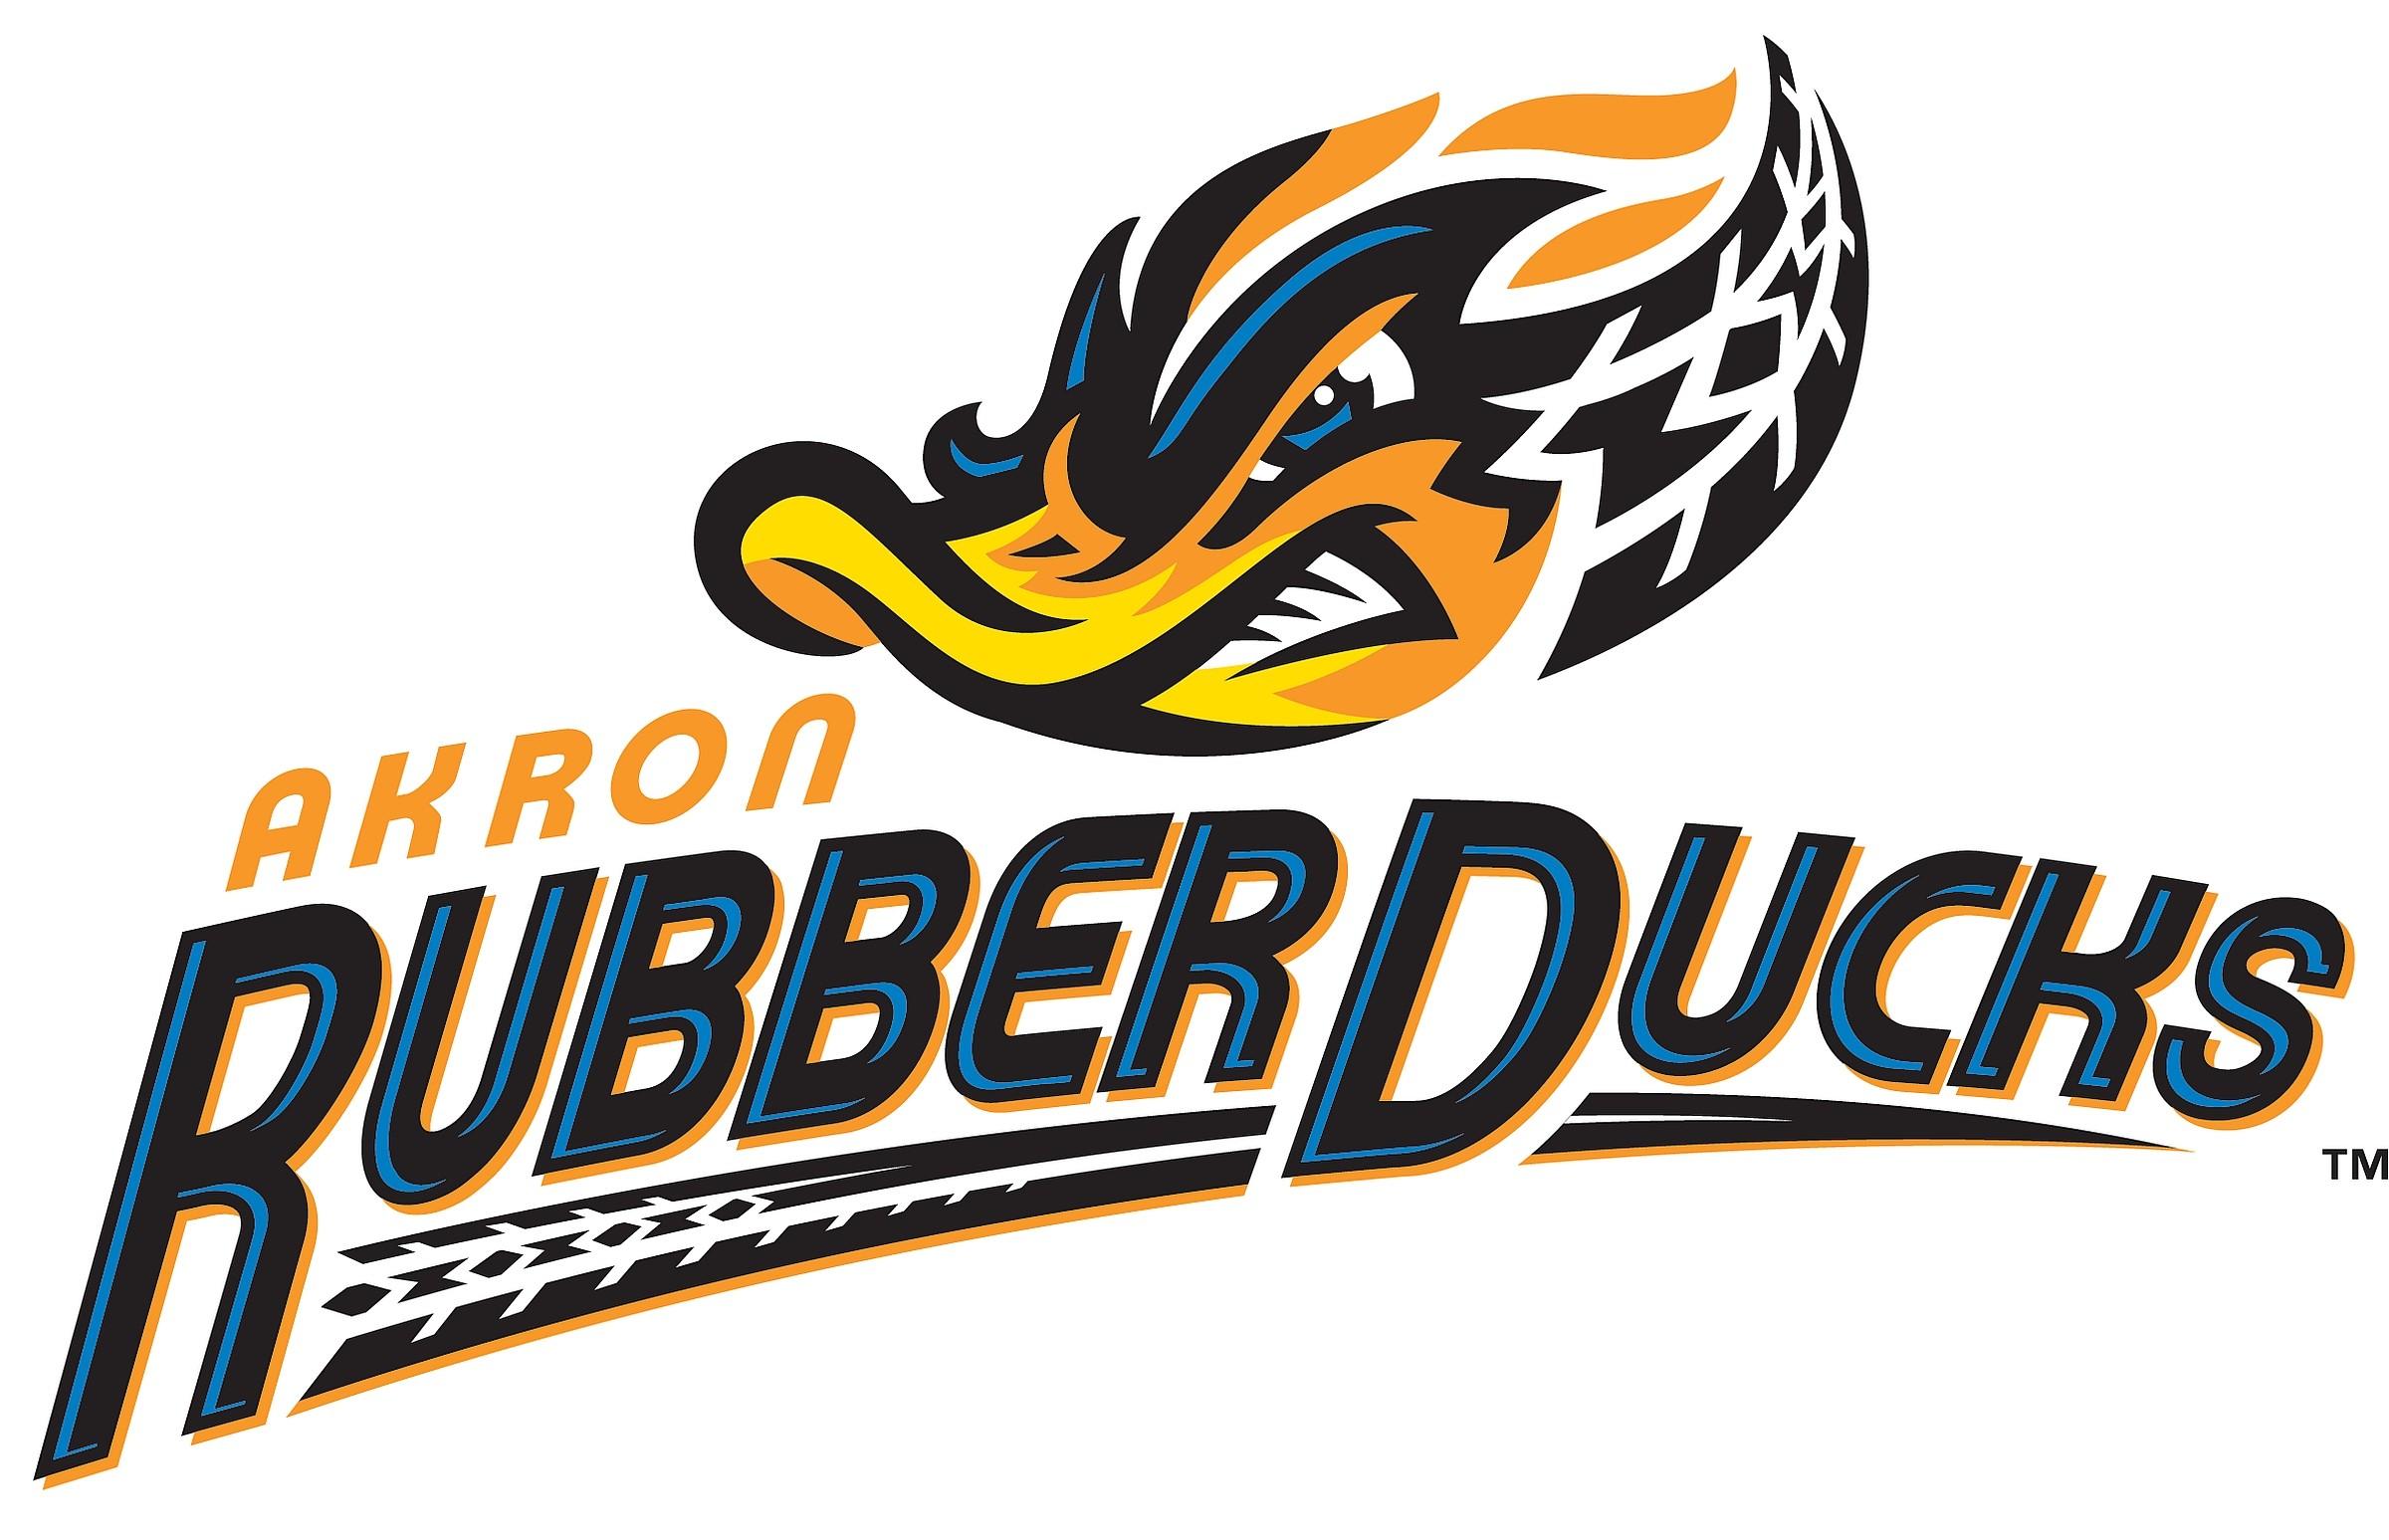 Sports – Akron Rubber Ducks Wallpaper